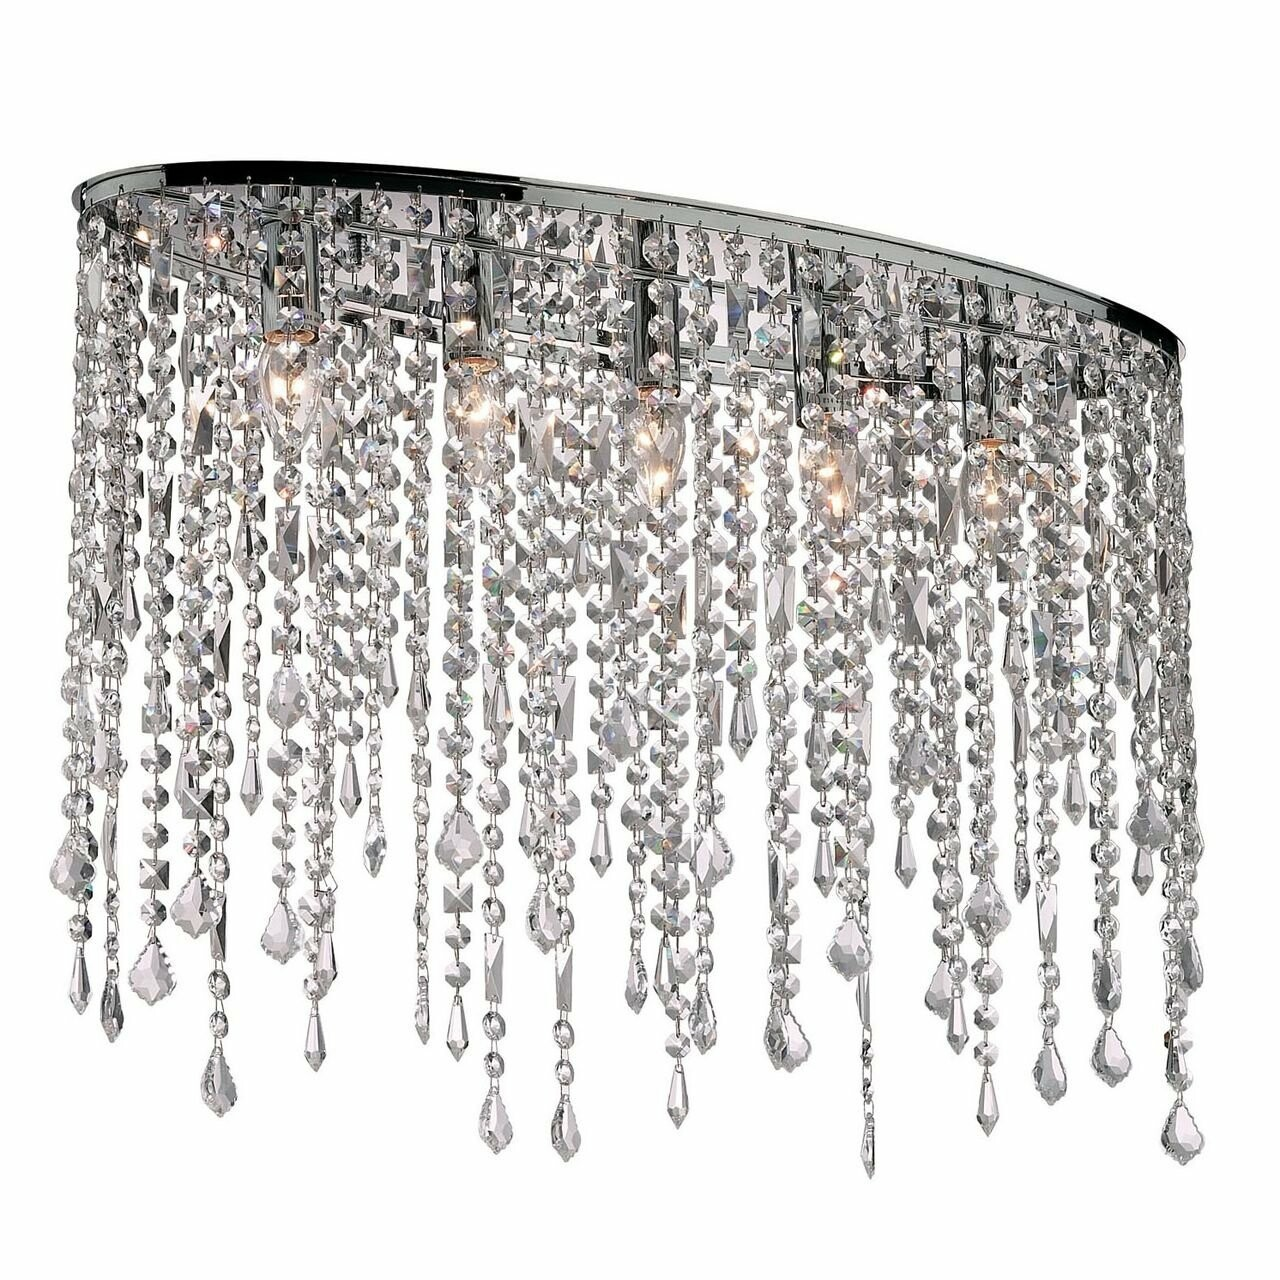 Ideal Lux - интерьерные светильники в итальянском стиле